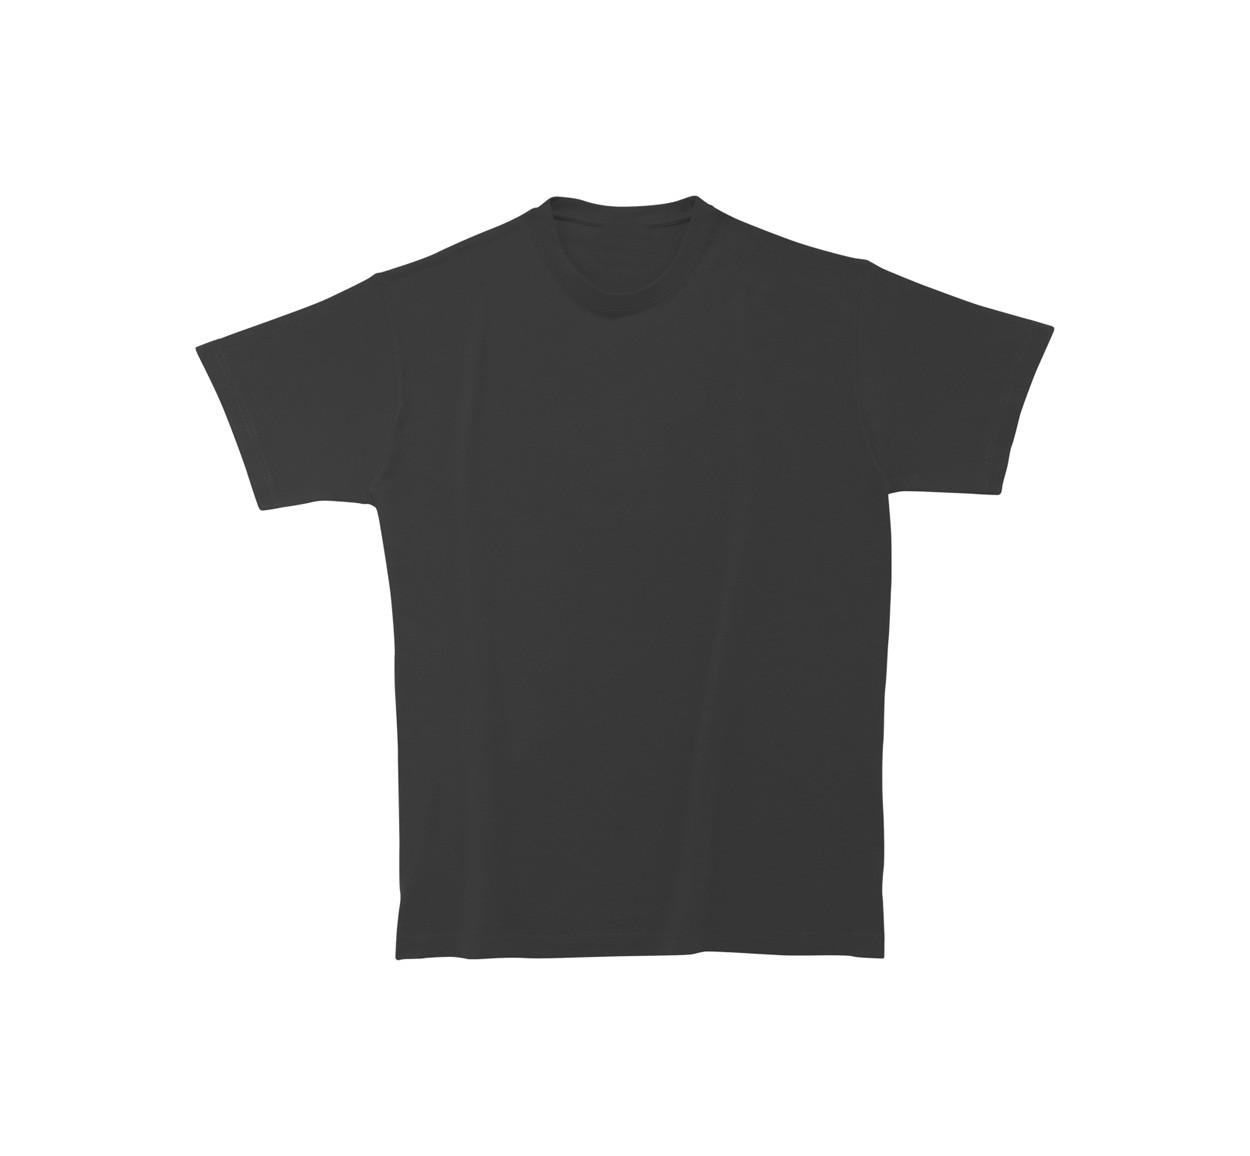 Tricou Bărbați Softstyle Man - Negru / L